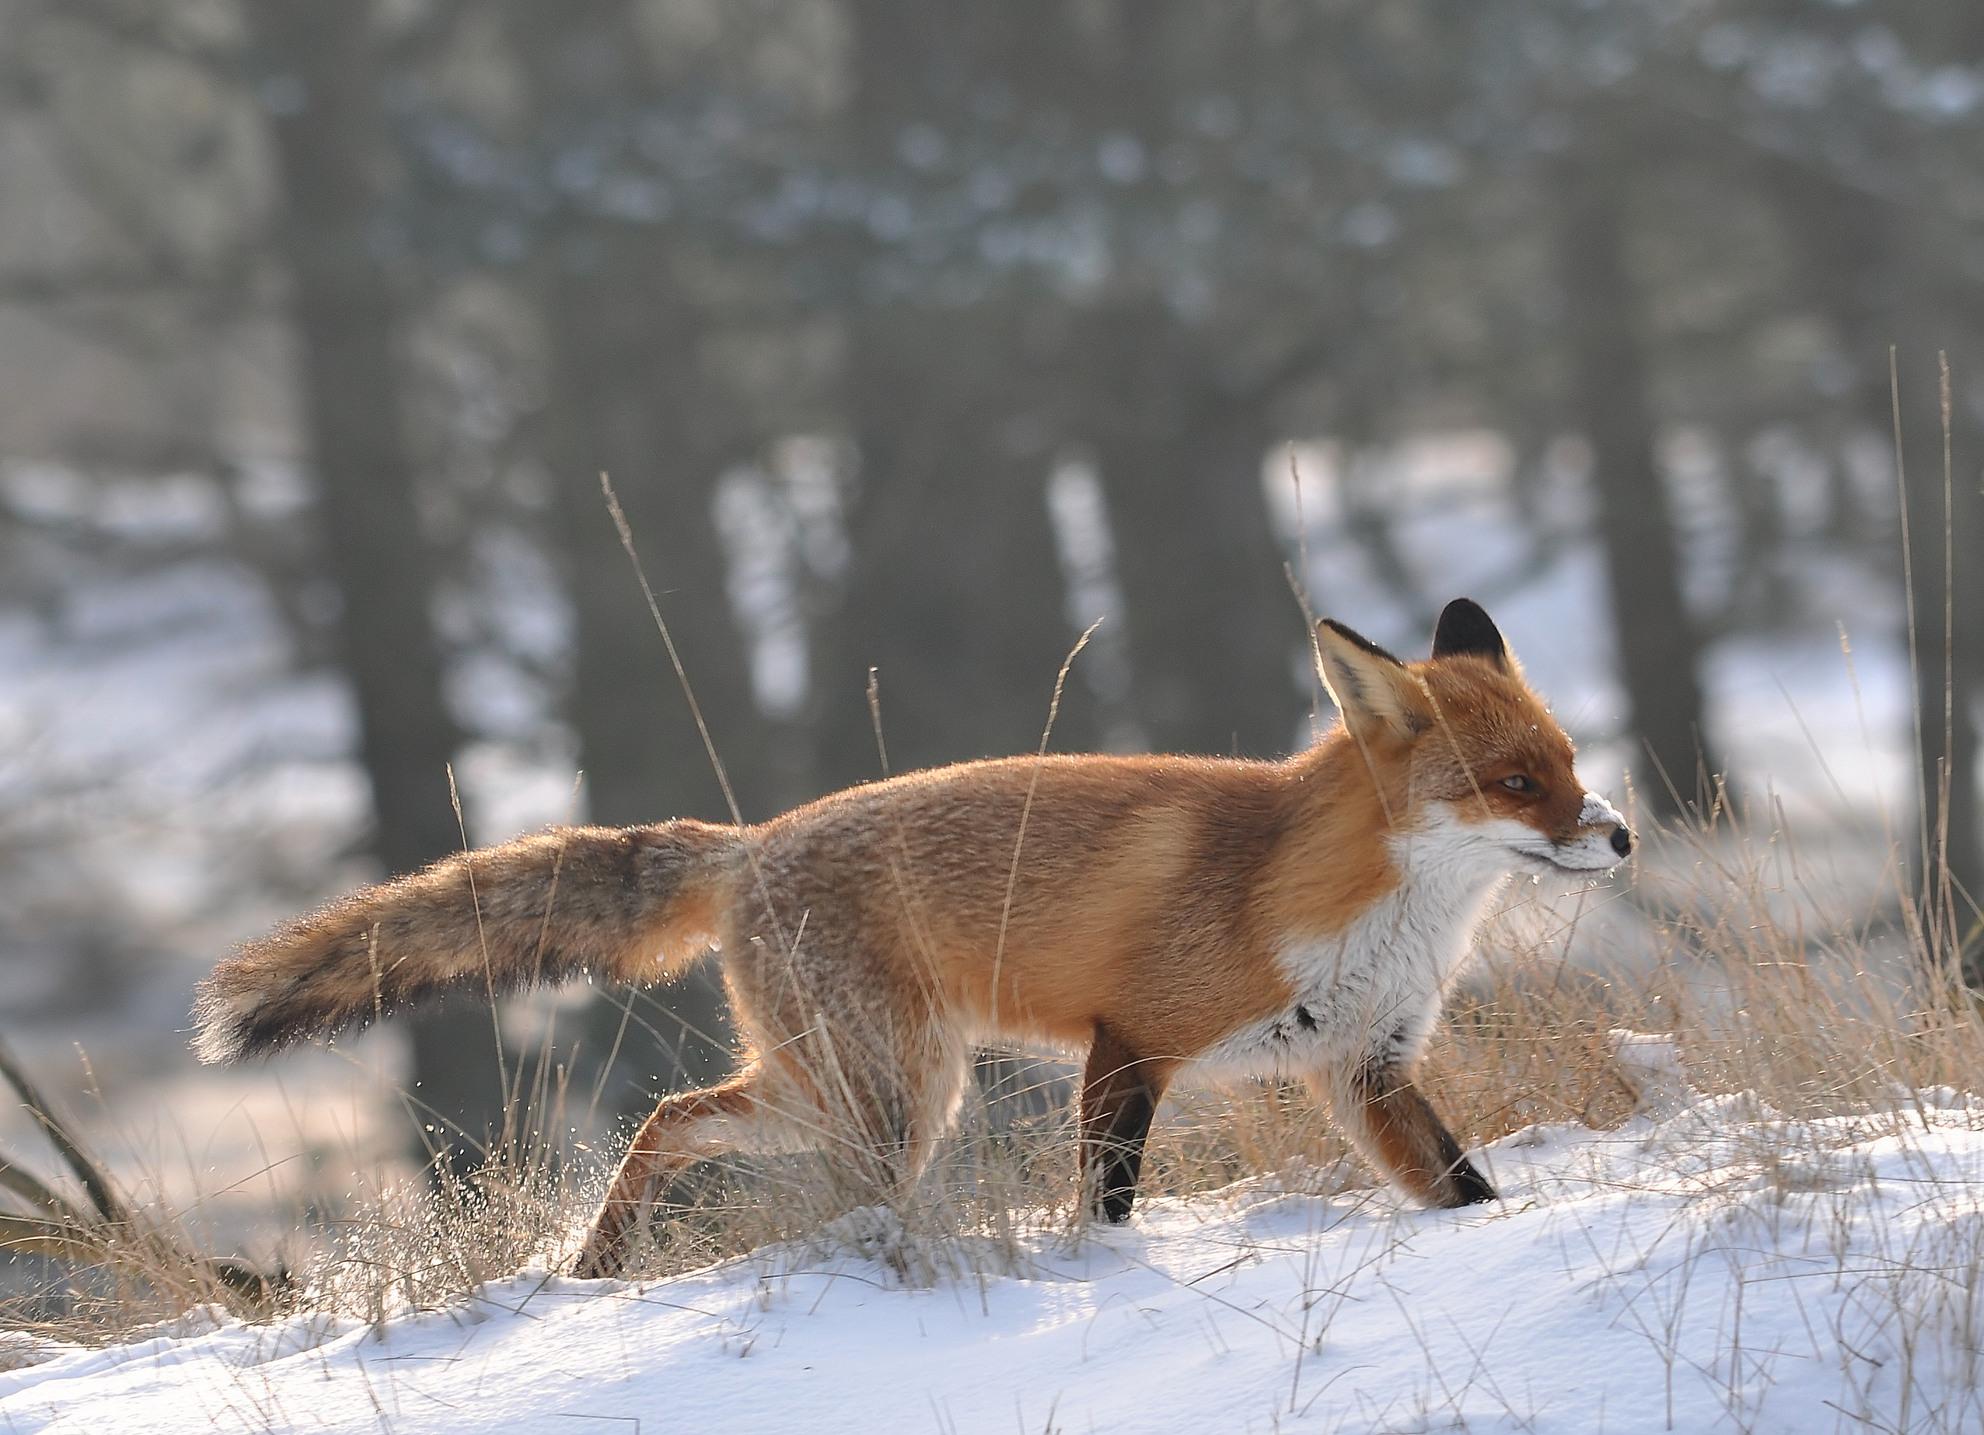 Winter.... - in het AWD - foto door pietsnoeier op 08-04-2021 - locatie: Vogelenzangseduinweg 2, 2114 AS Vogelenzang, Nederland - deze foto bevat: sneeuw, rode vos, carnivoor, vos, fawn, terrestrische dieren, hondenras, snuit, staart, natuurlijk landschap